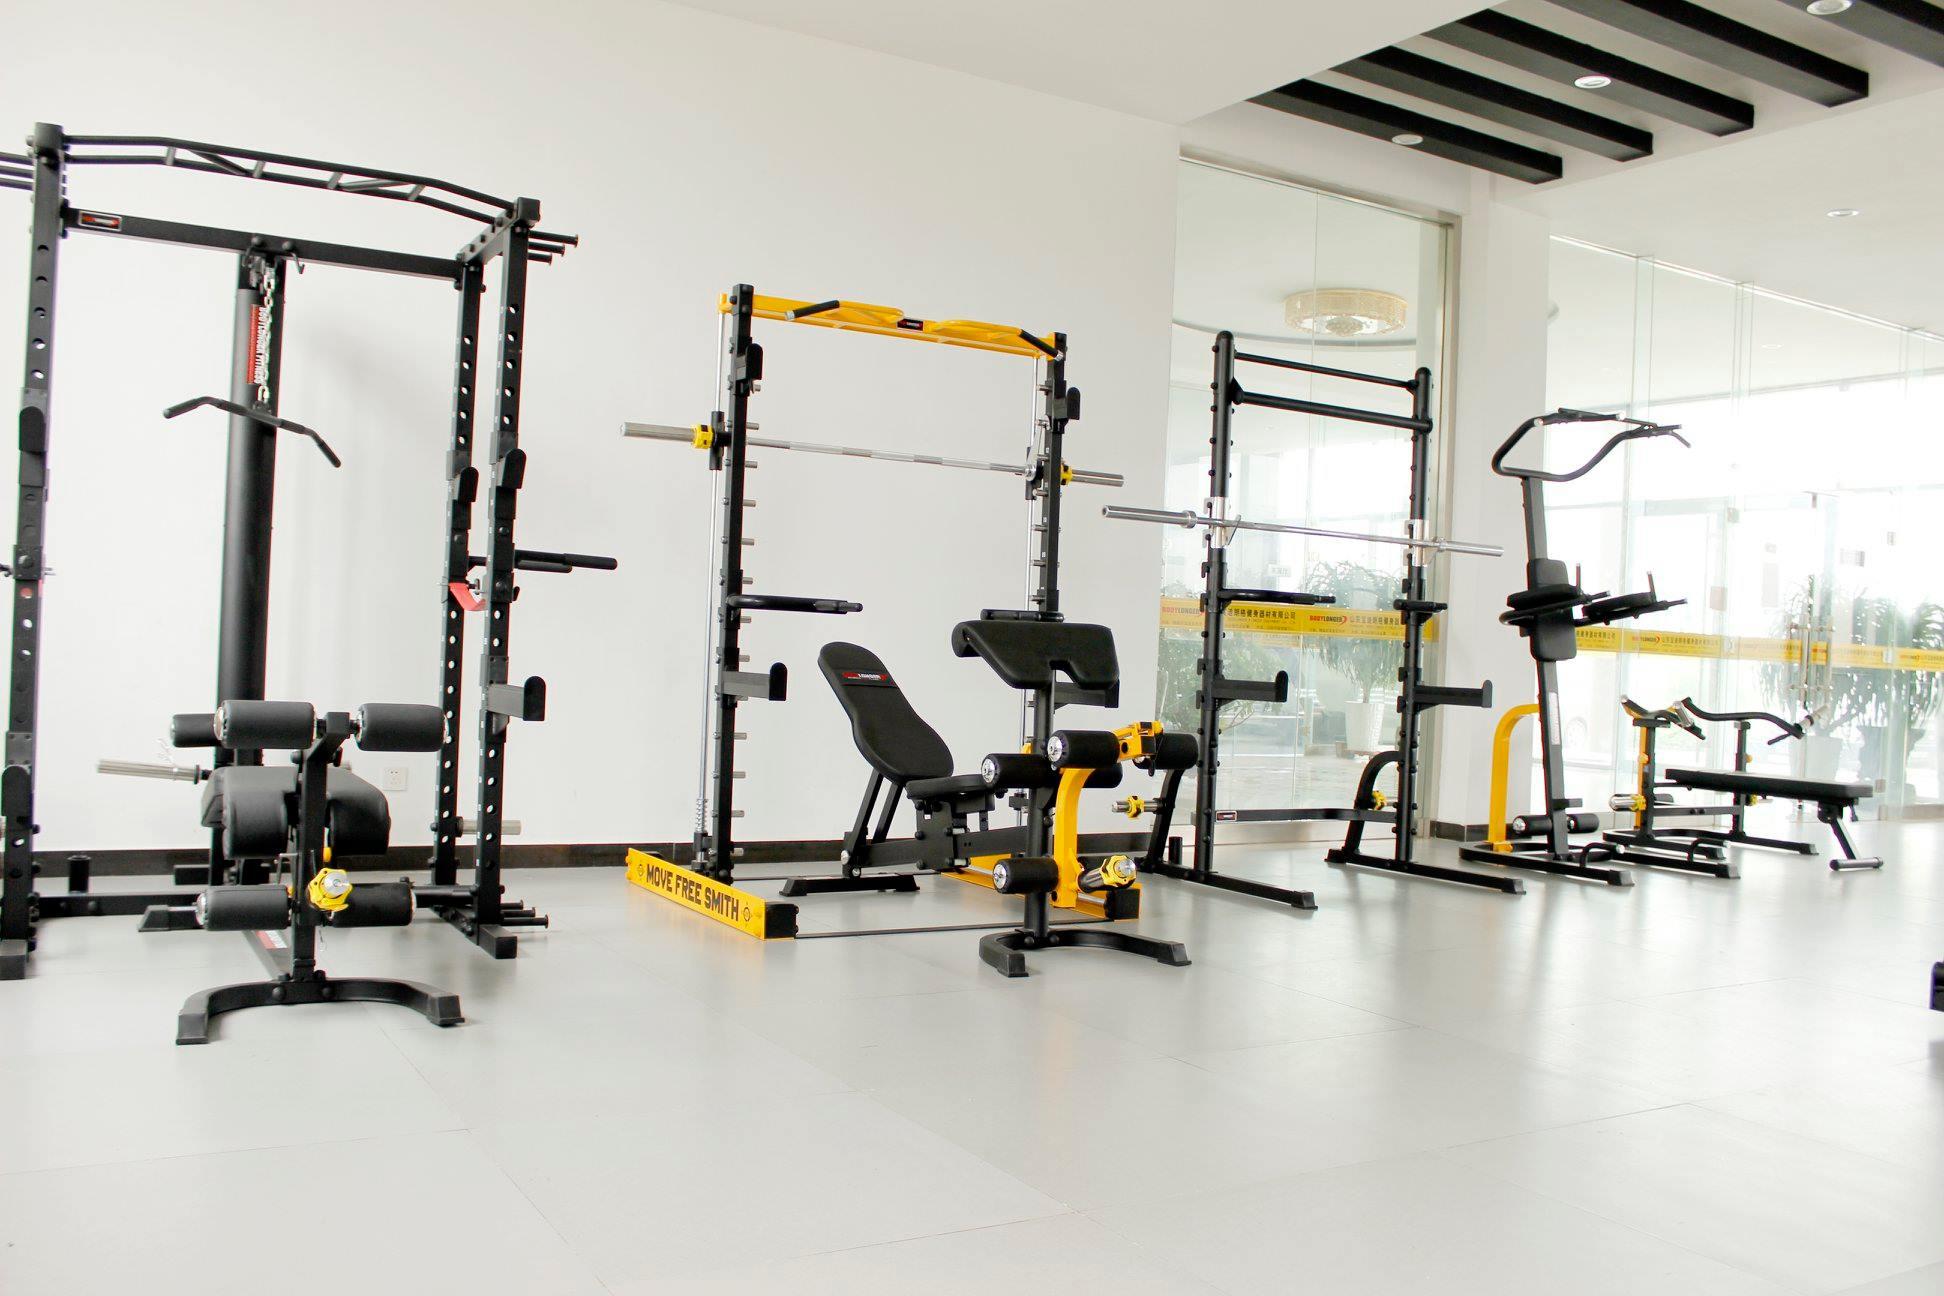 Giàn tập gym chất lượng